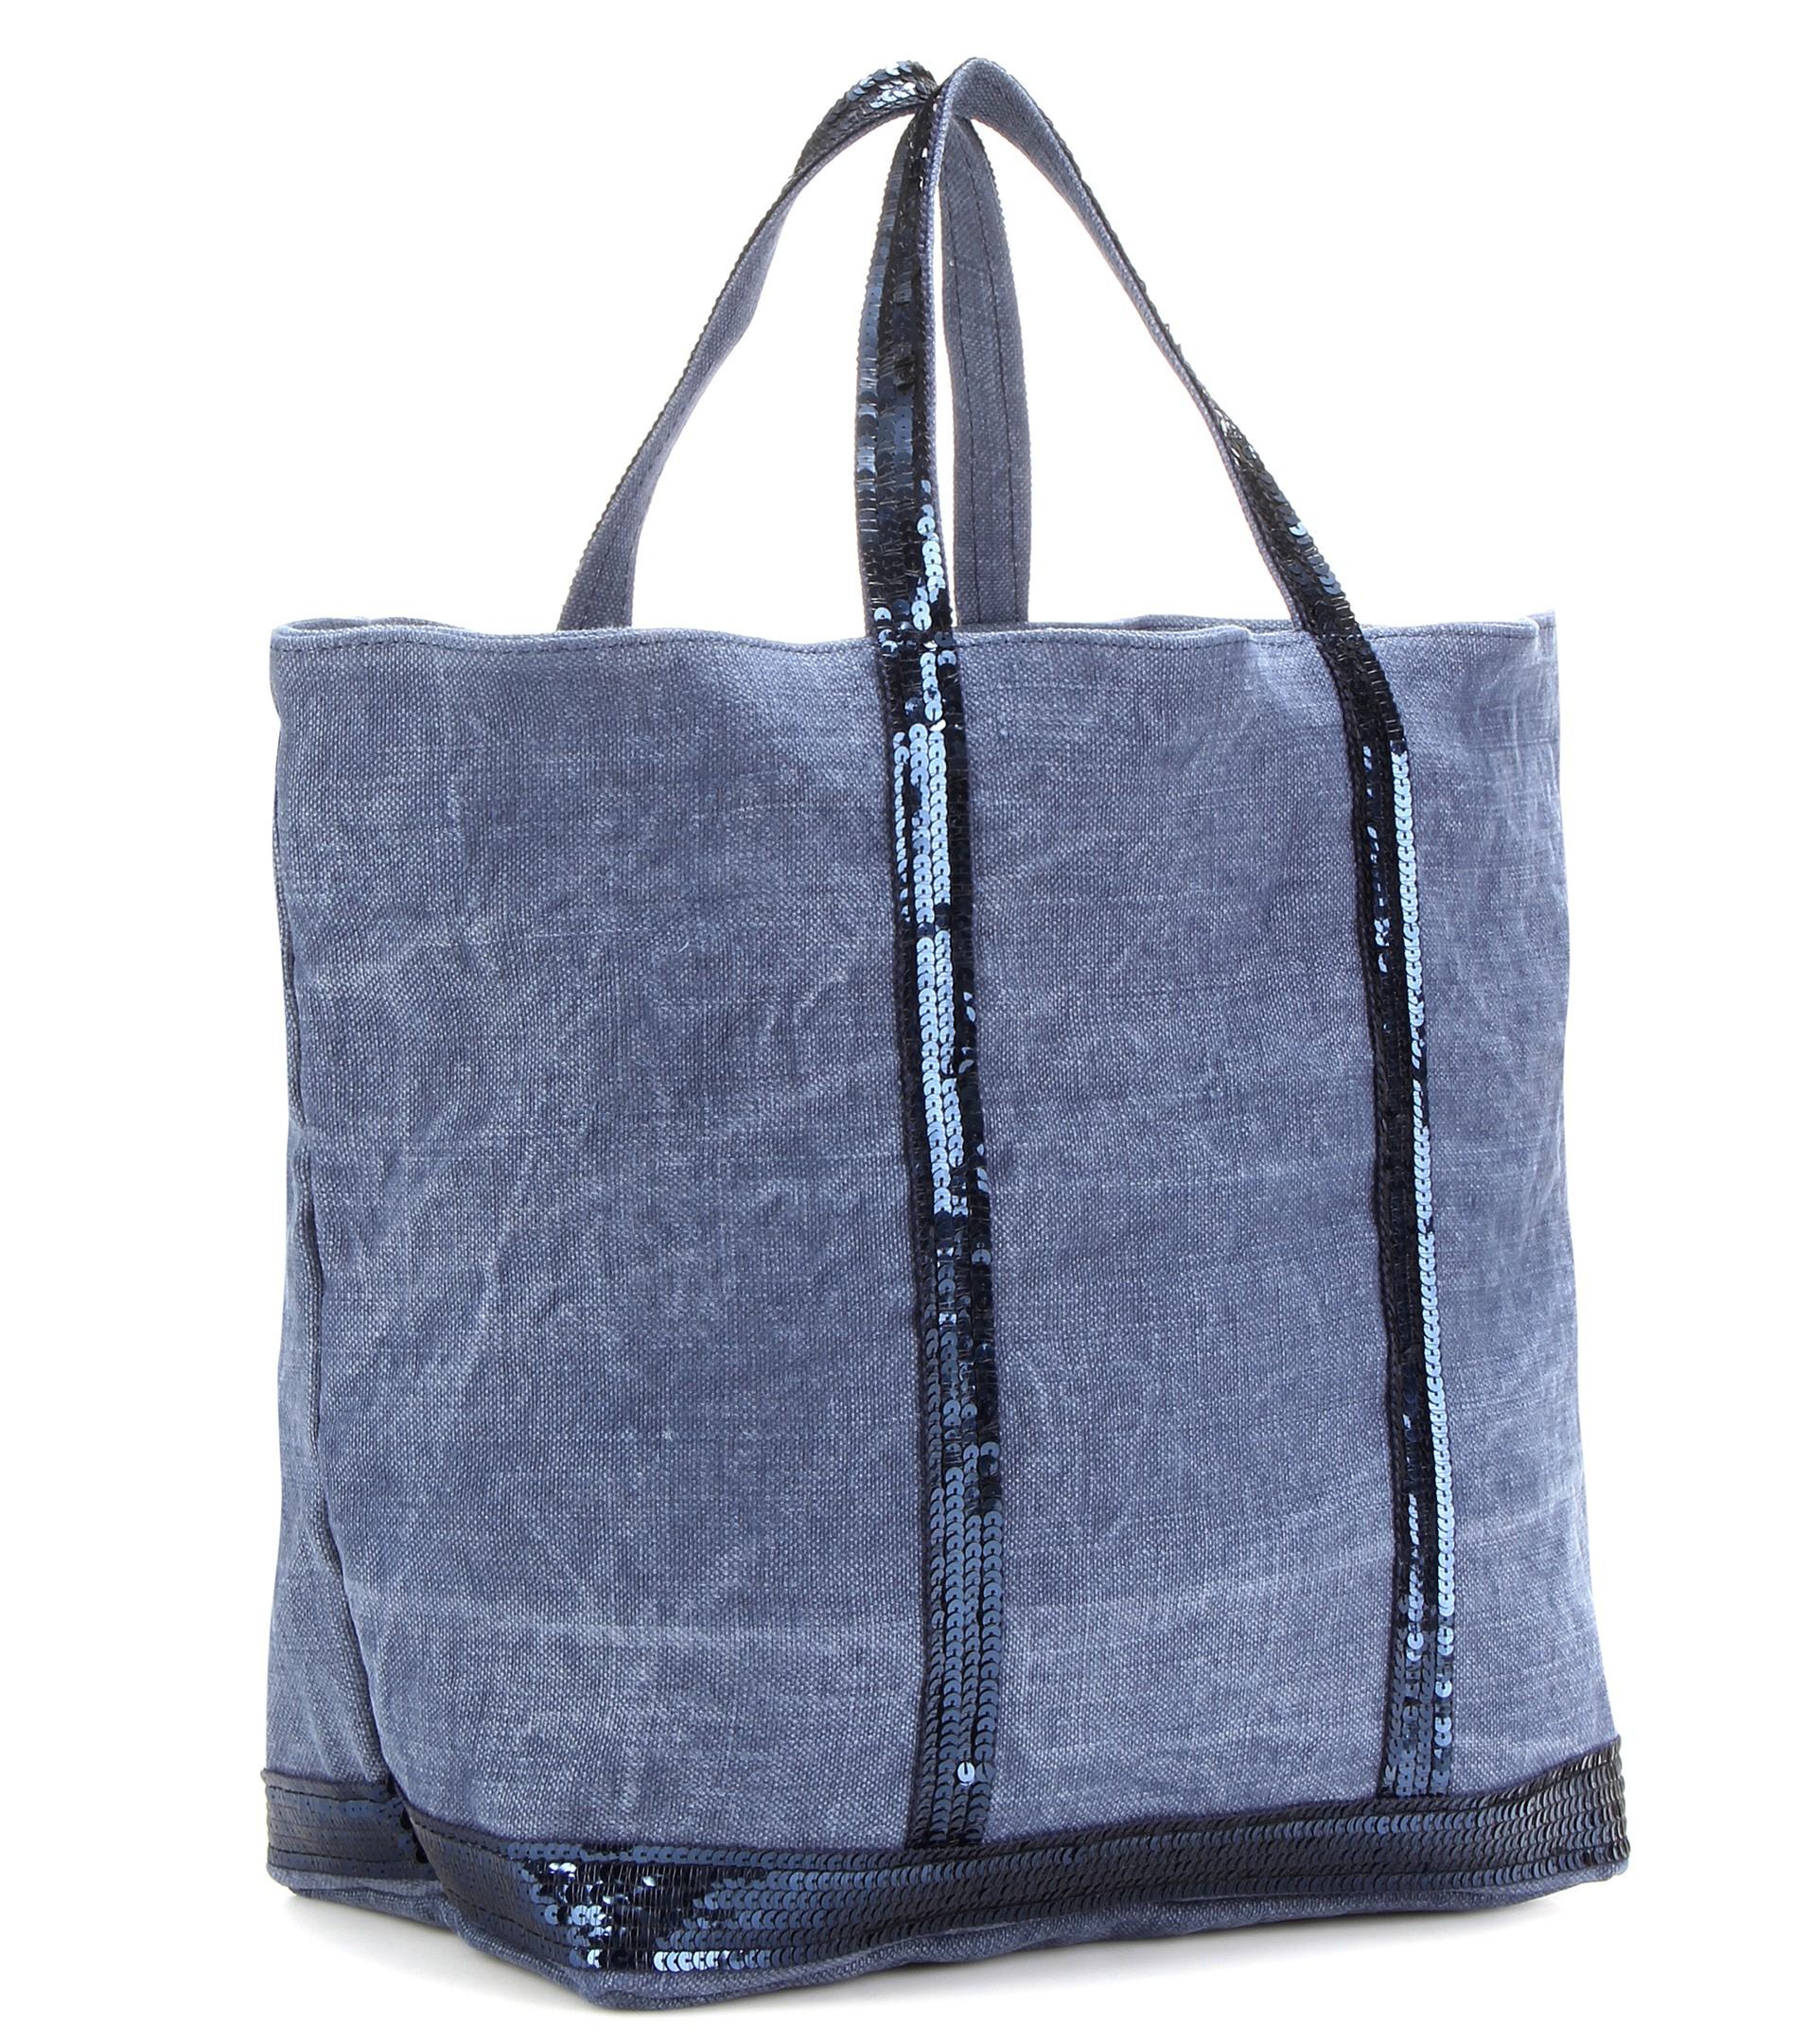 vanessa bruno cabas medium embellished canvas shopper in gray blue lyst. Black Bedroom Furniture Sets. Home Design Ideas